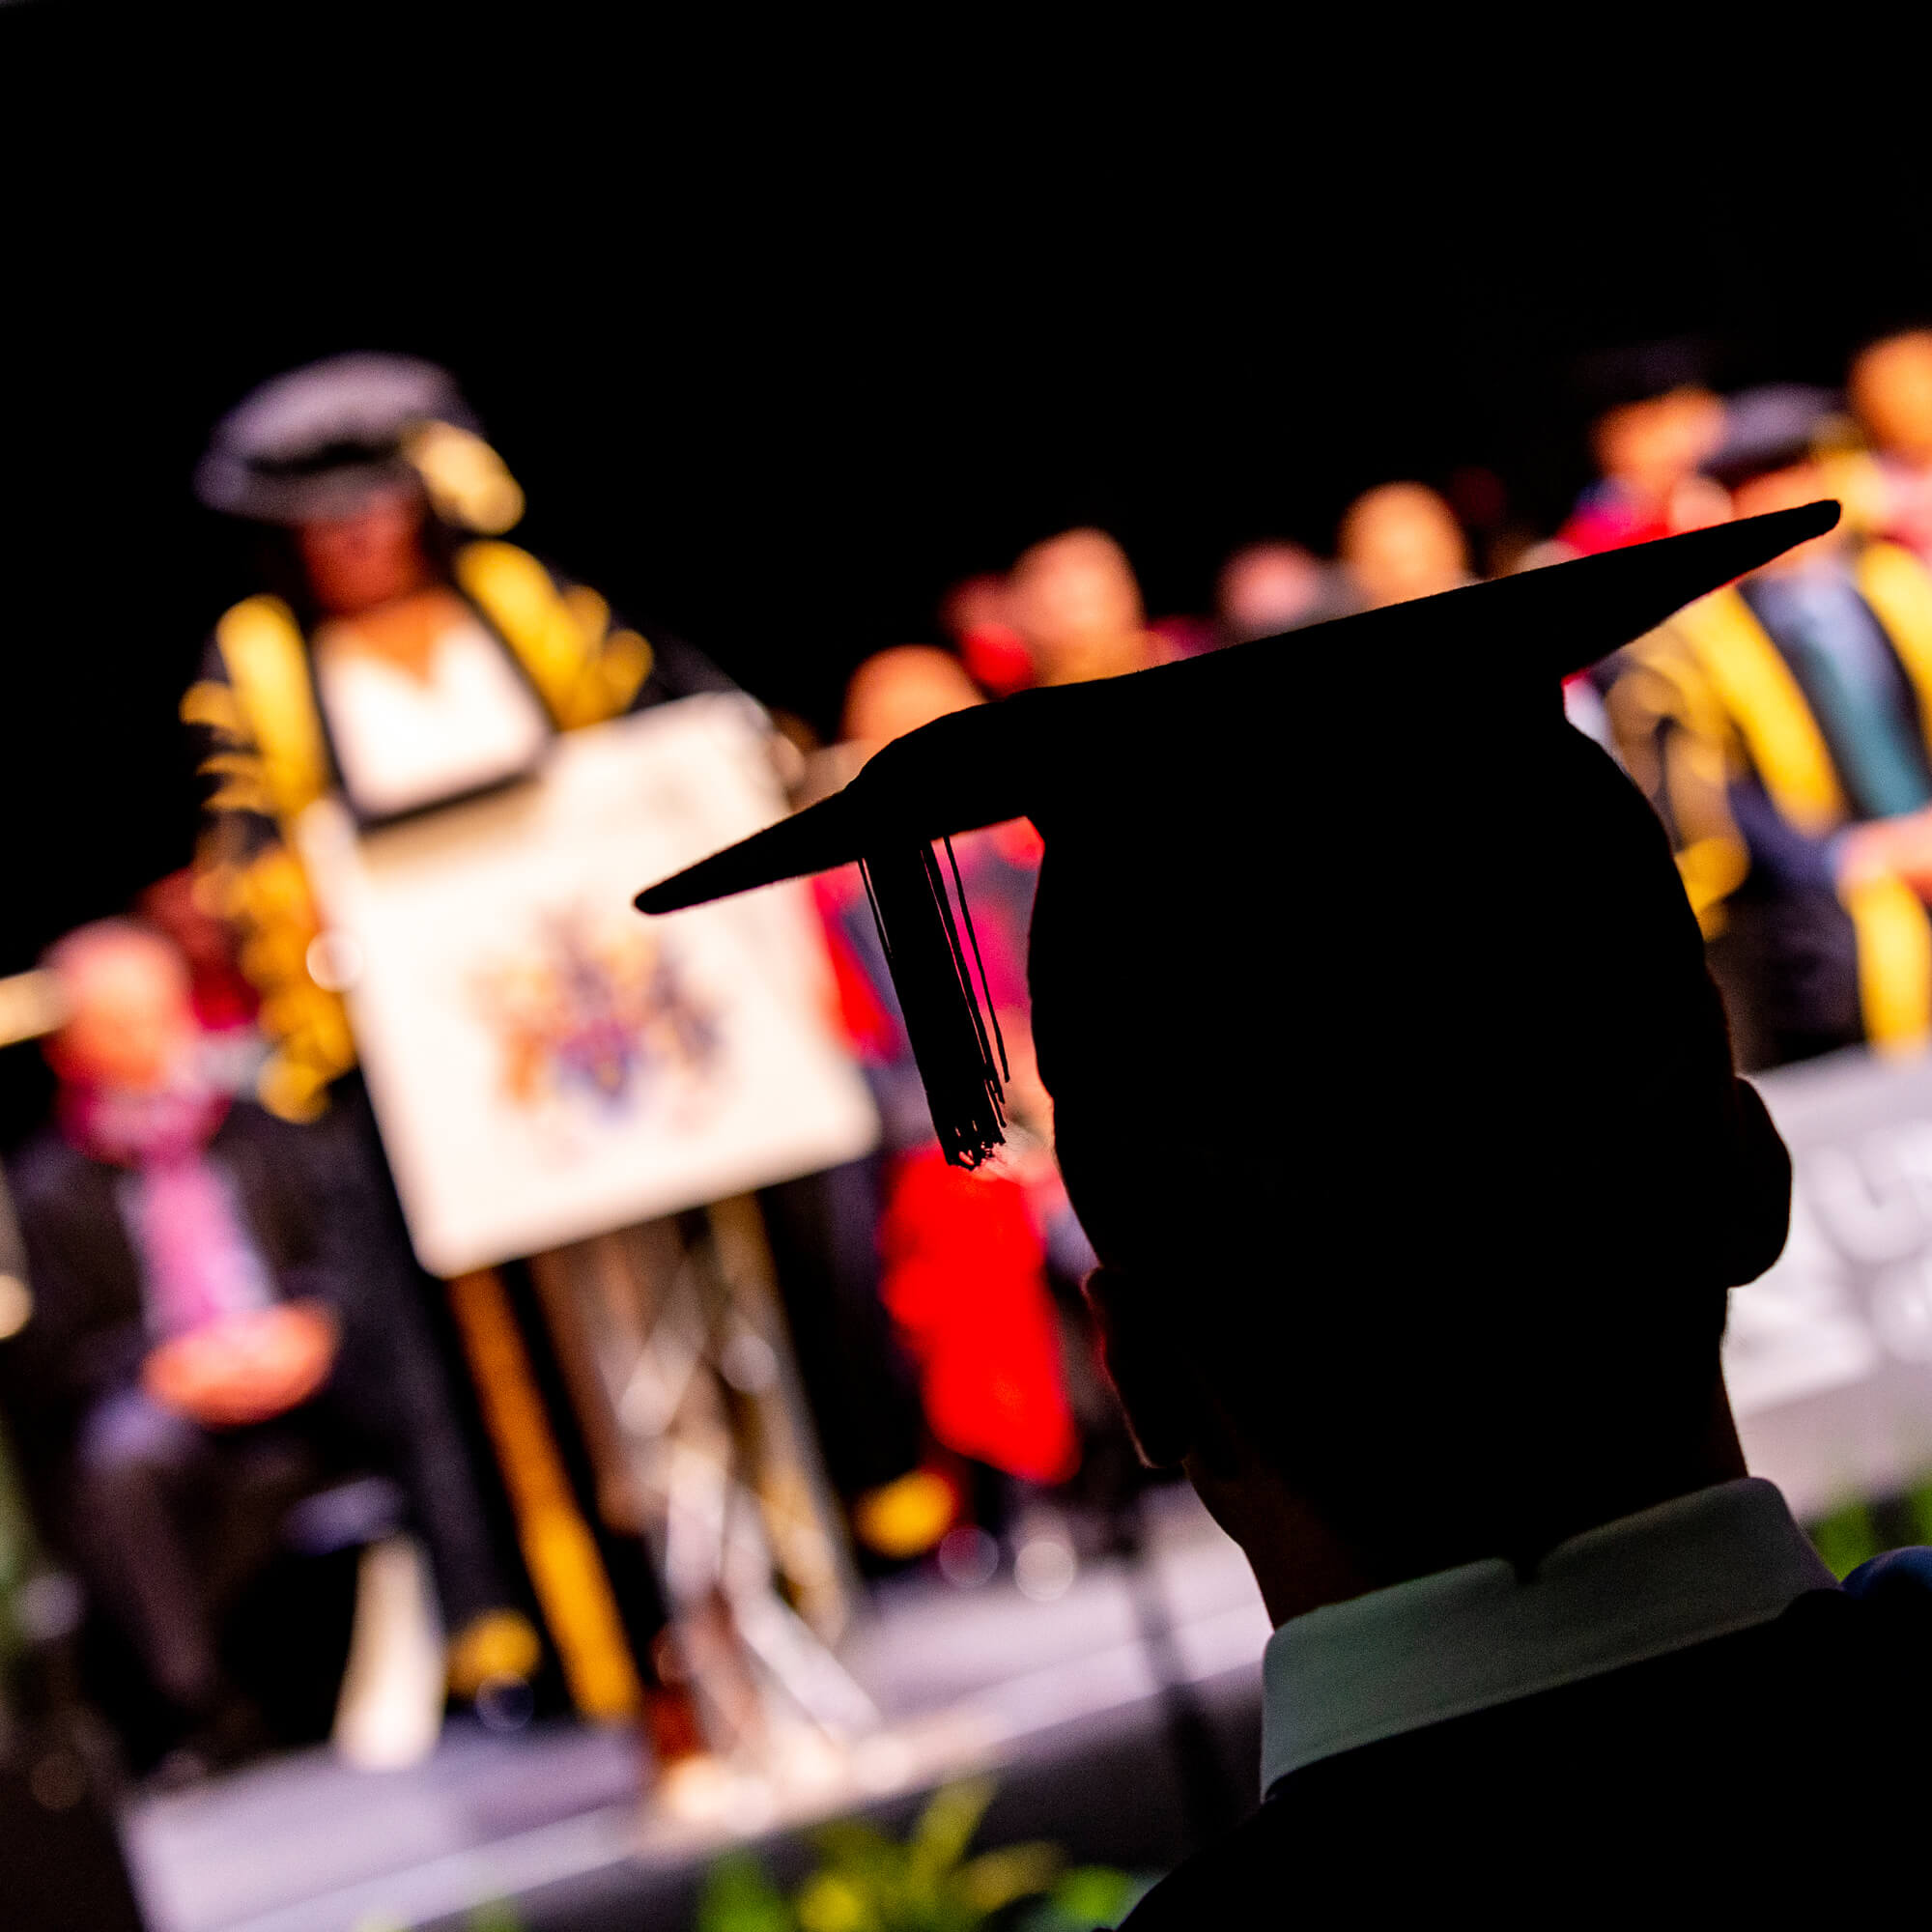 Silhouette of graduation cap